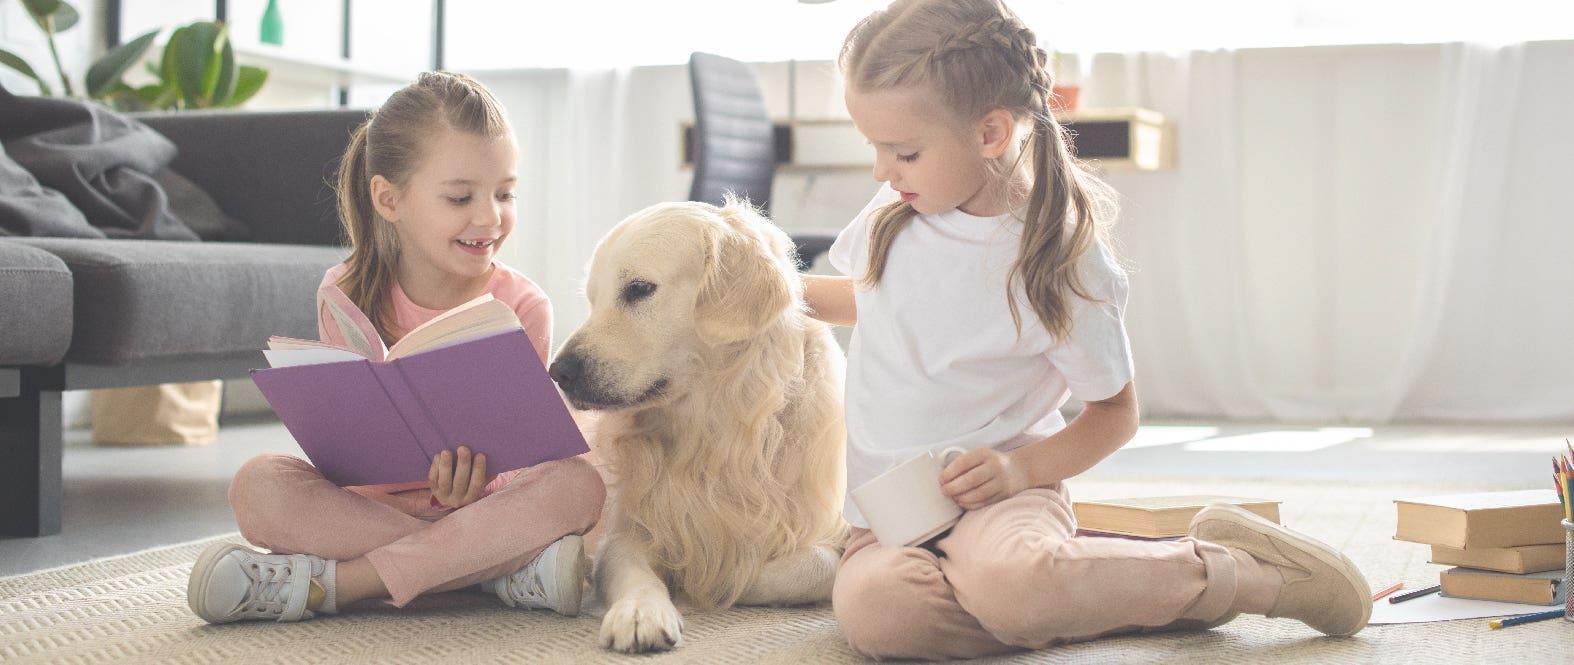 Niños y mascotas: ¿Qué cuidados debo tener?